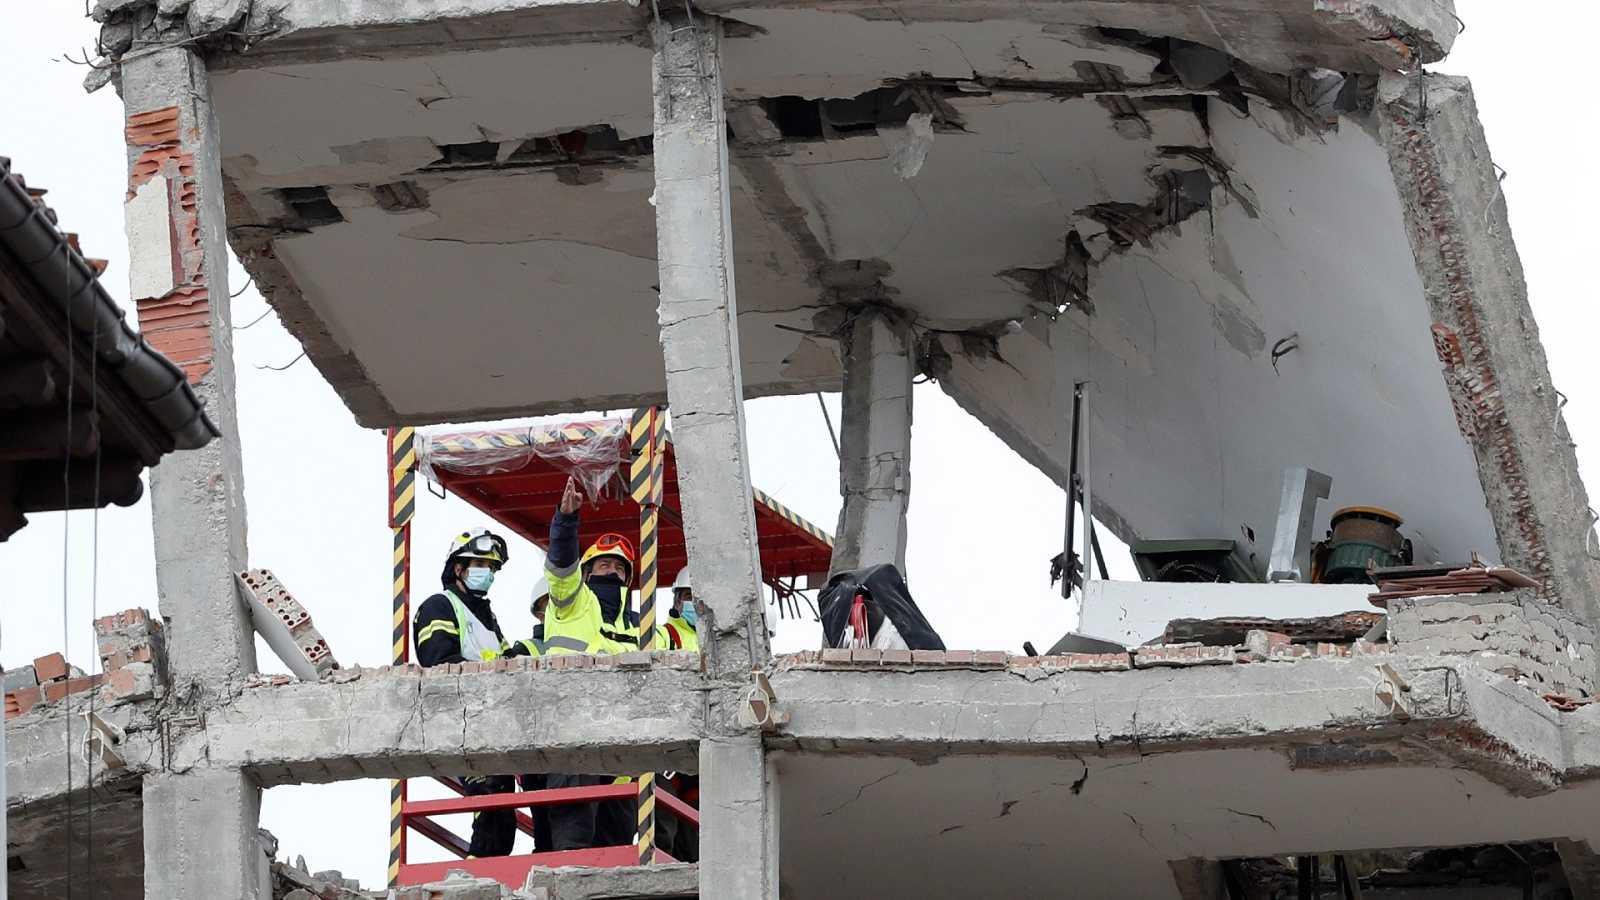 La Policía emplea drones para buscar pruebas tras la explosión en un edificio en Madrid